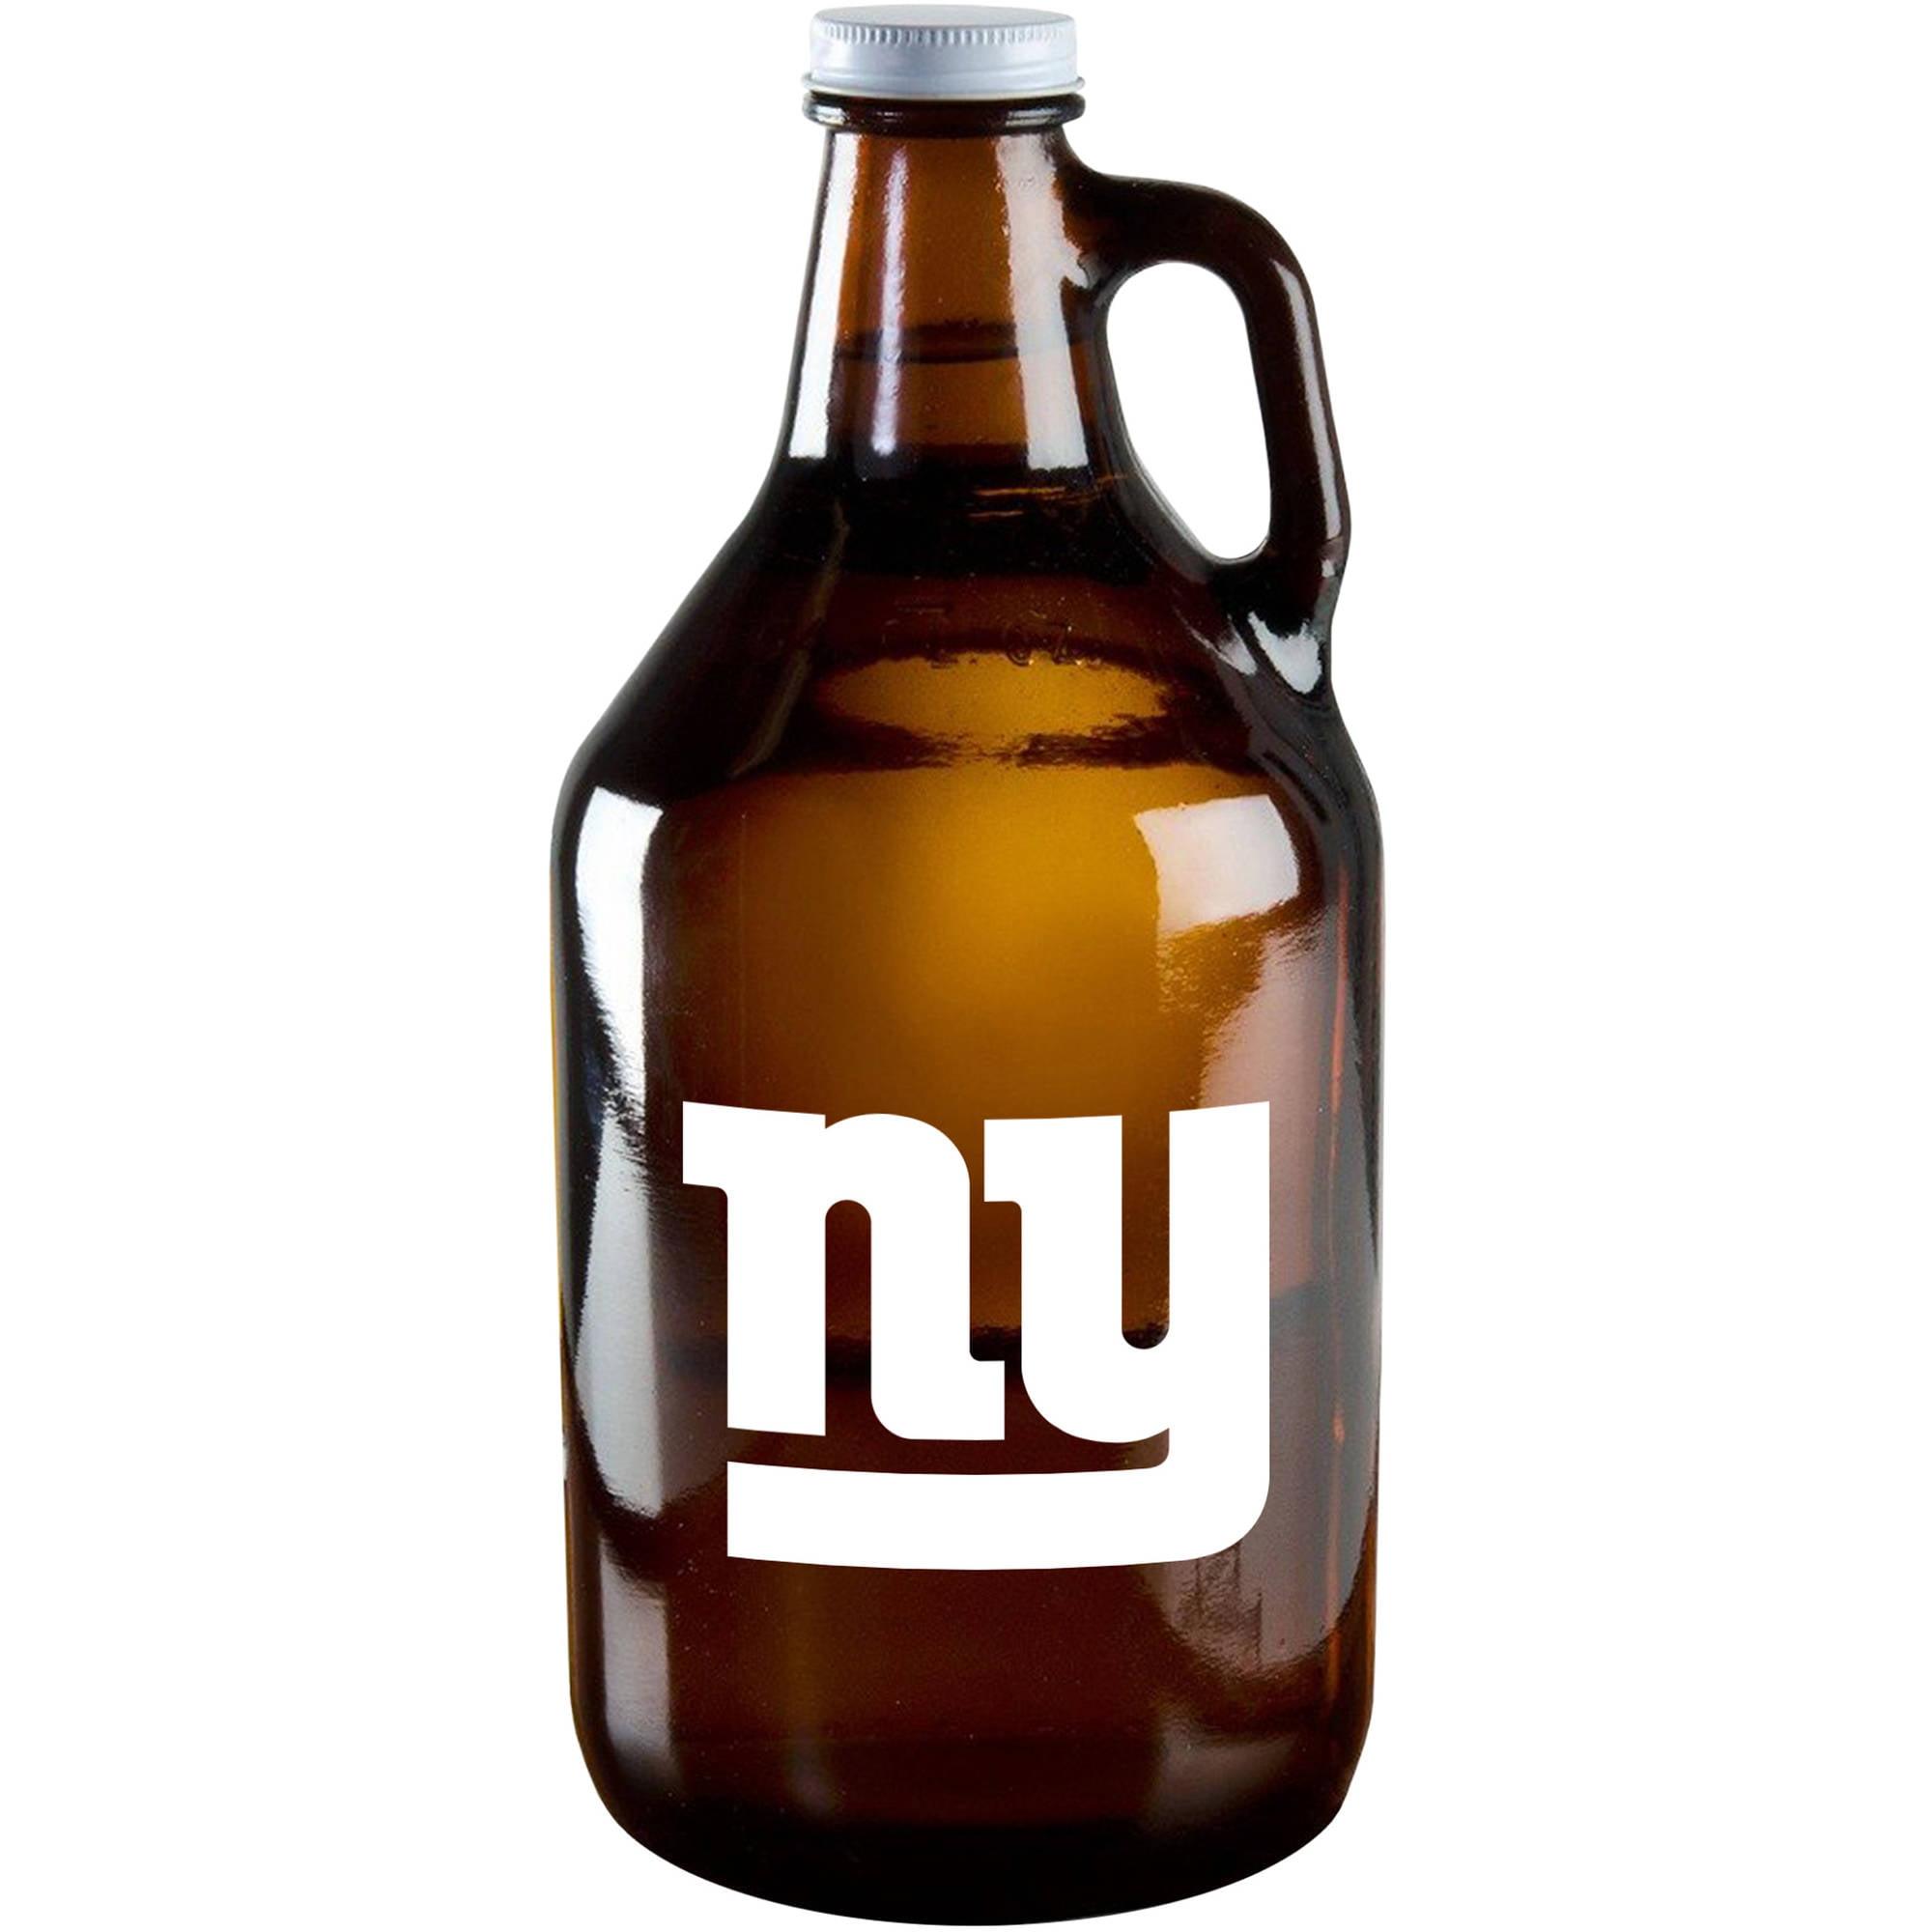 New York Giants 2 Pack Santa Amp Elf Teamie Beanies